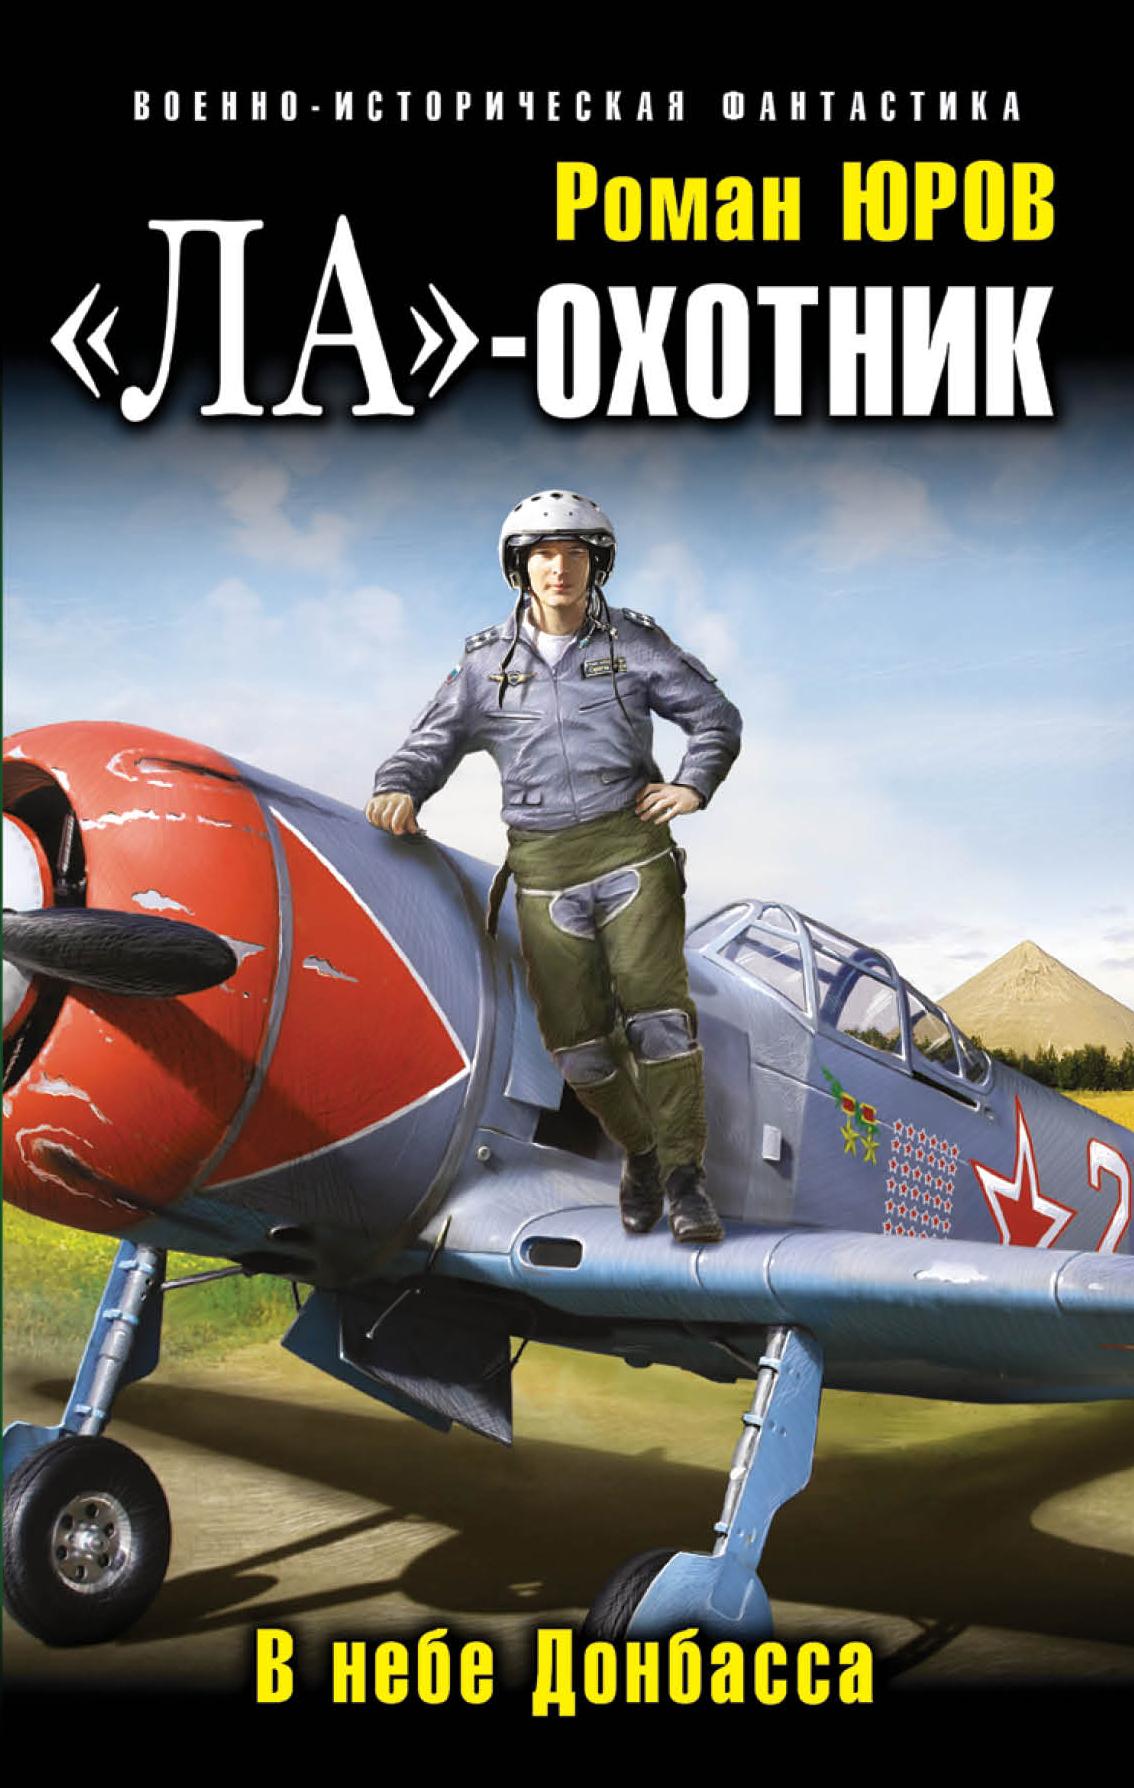 Роман Юров «Ла»-охотник. В небе Донбасса жирохов м битва за донбасс миус фронт 1941 1943